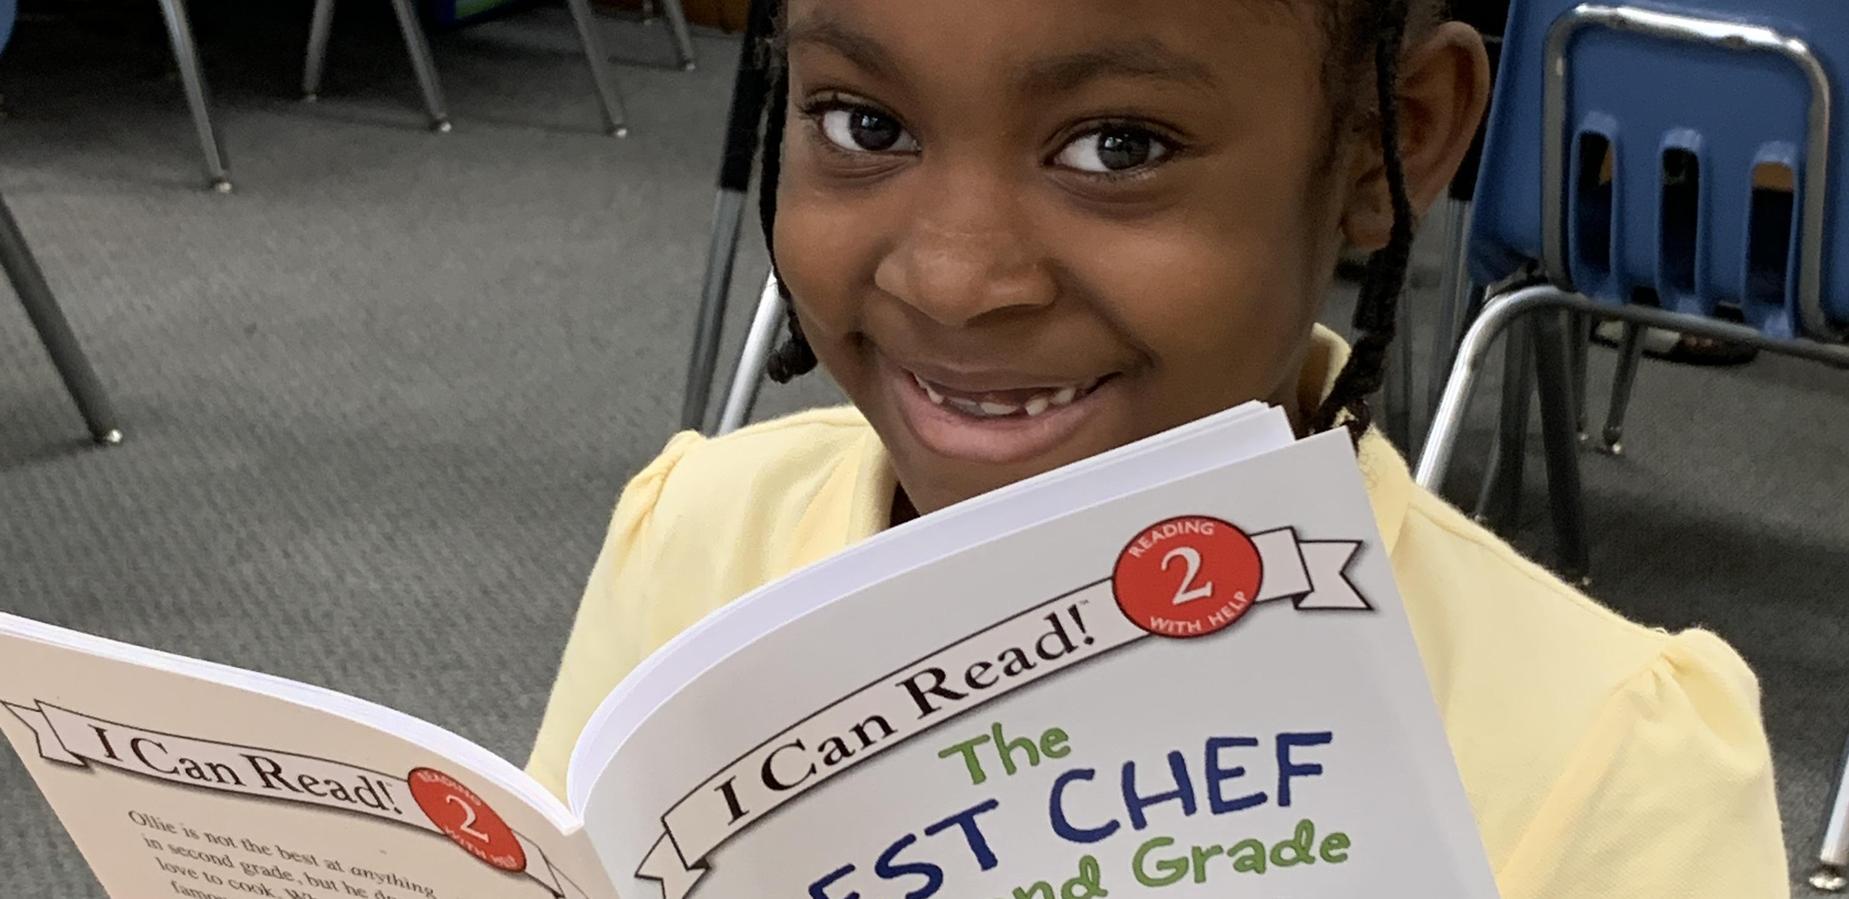 2nd grader reading